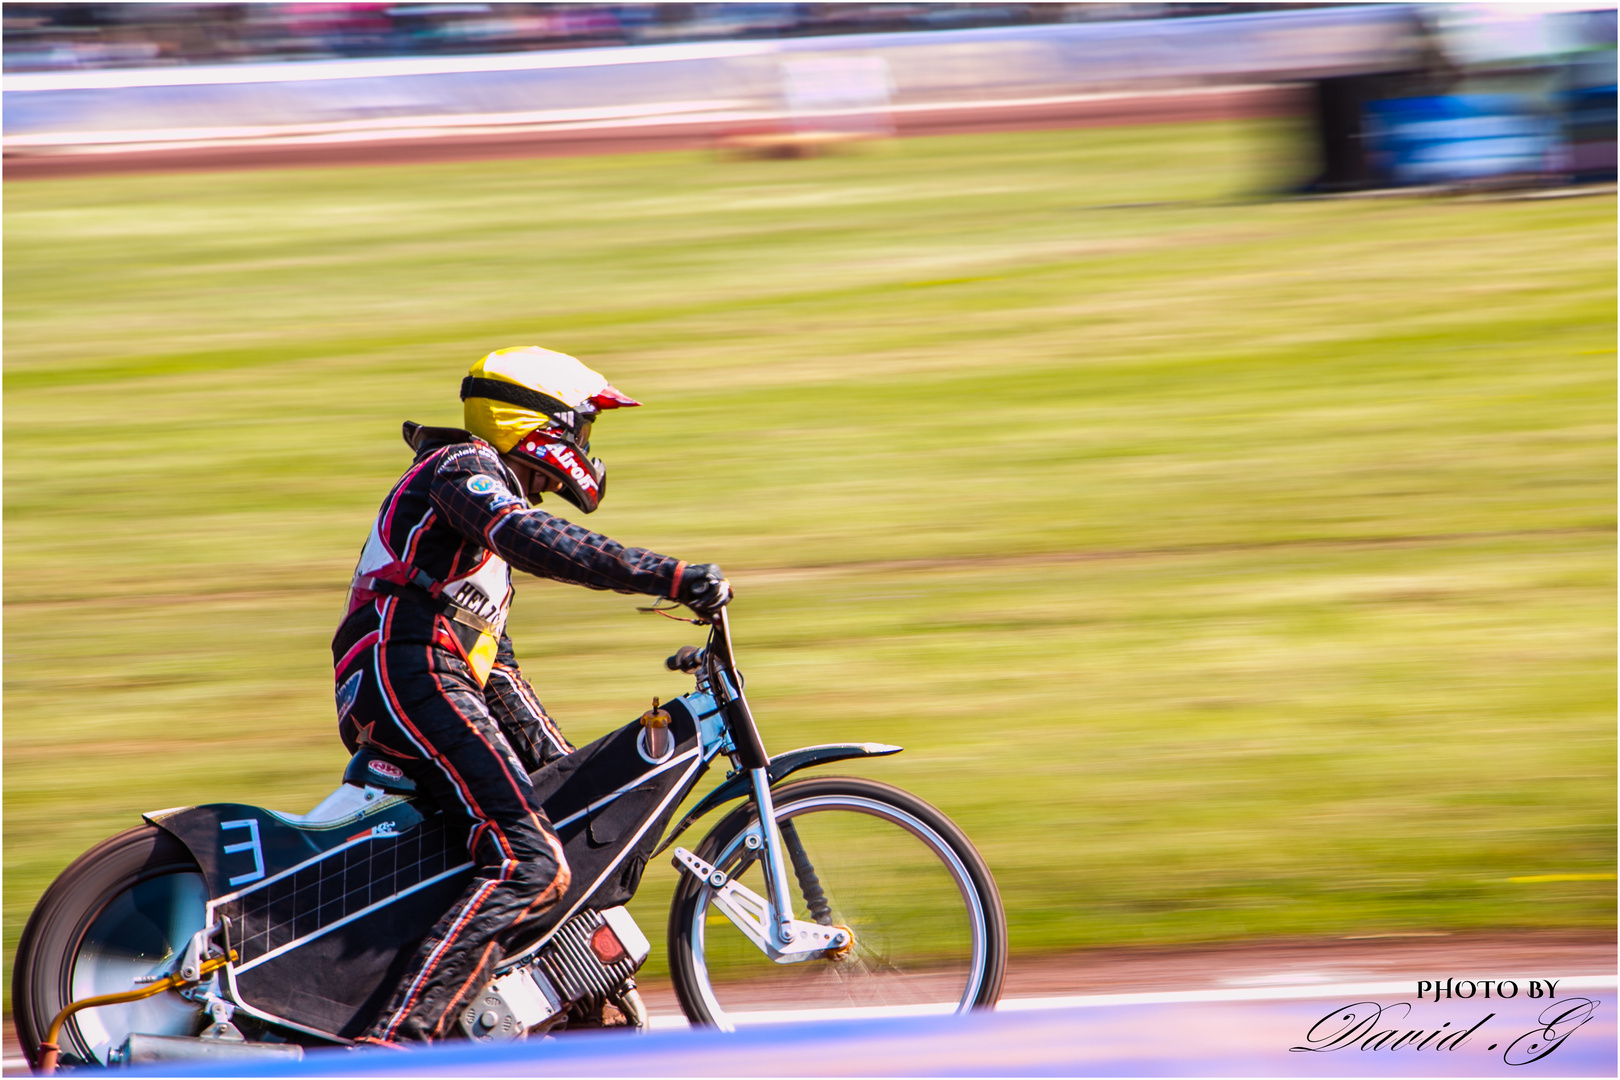 Speedway Rennen-1 in Neuenknick